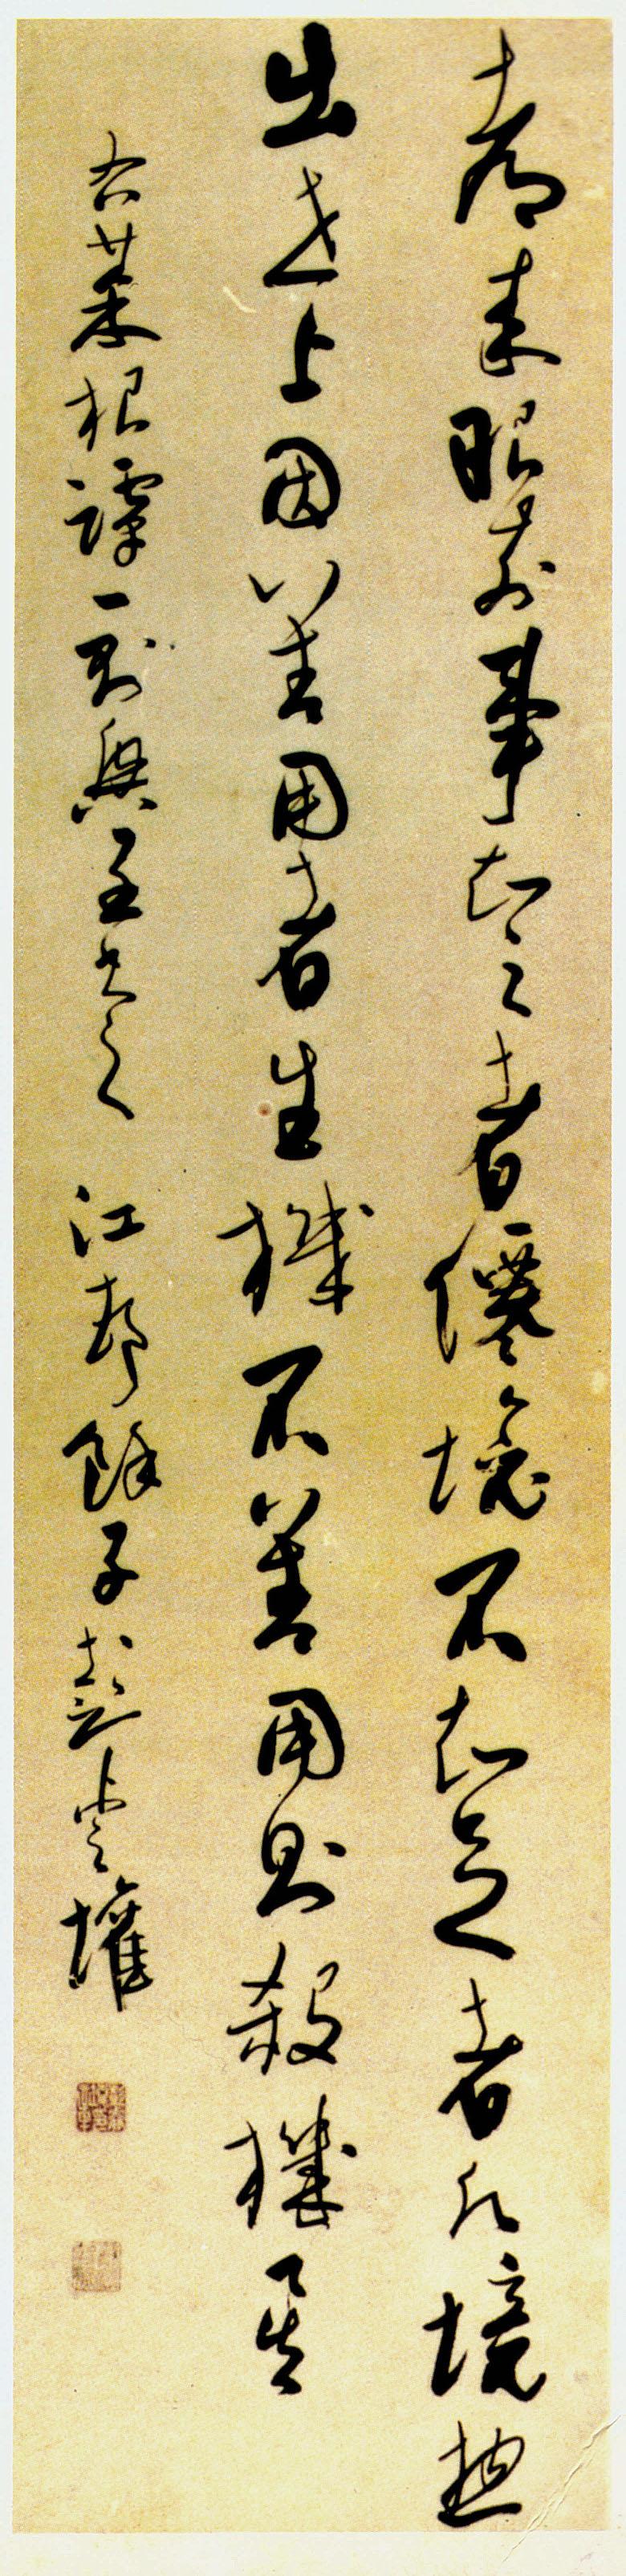 清代彭睿壦《行草录菜根谭句轴》 广州艺术博物院藏